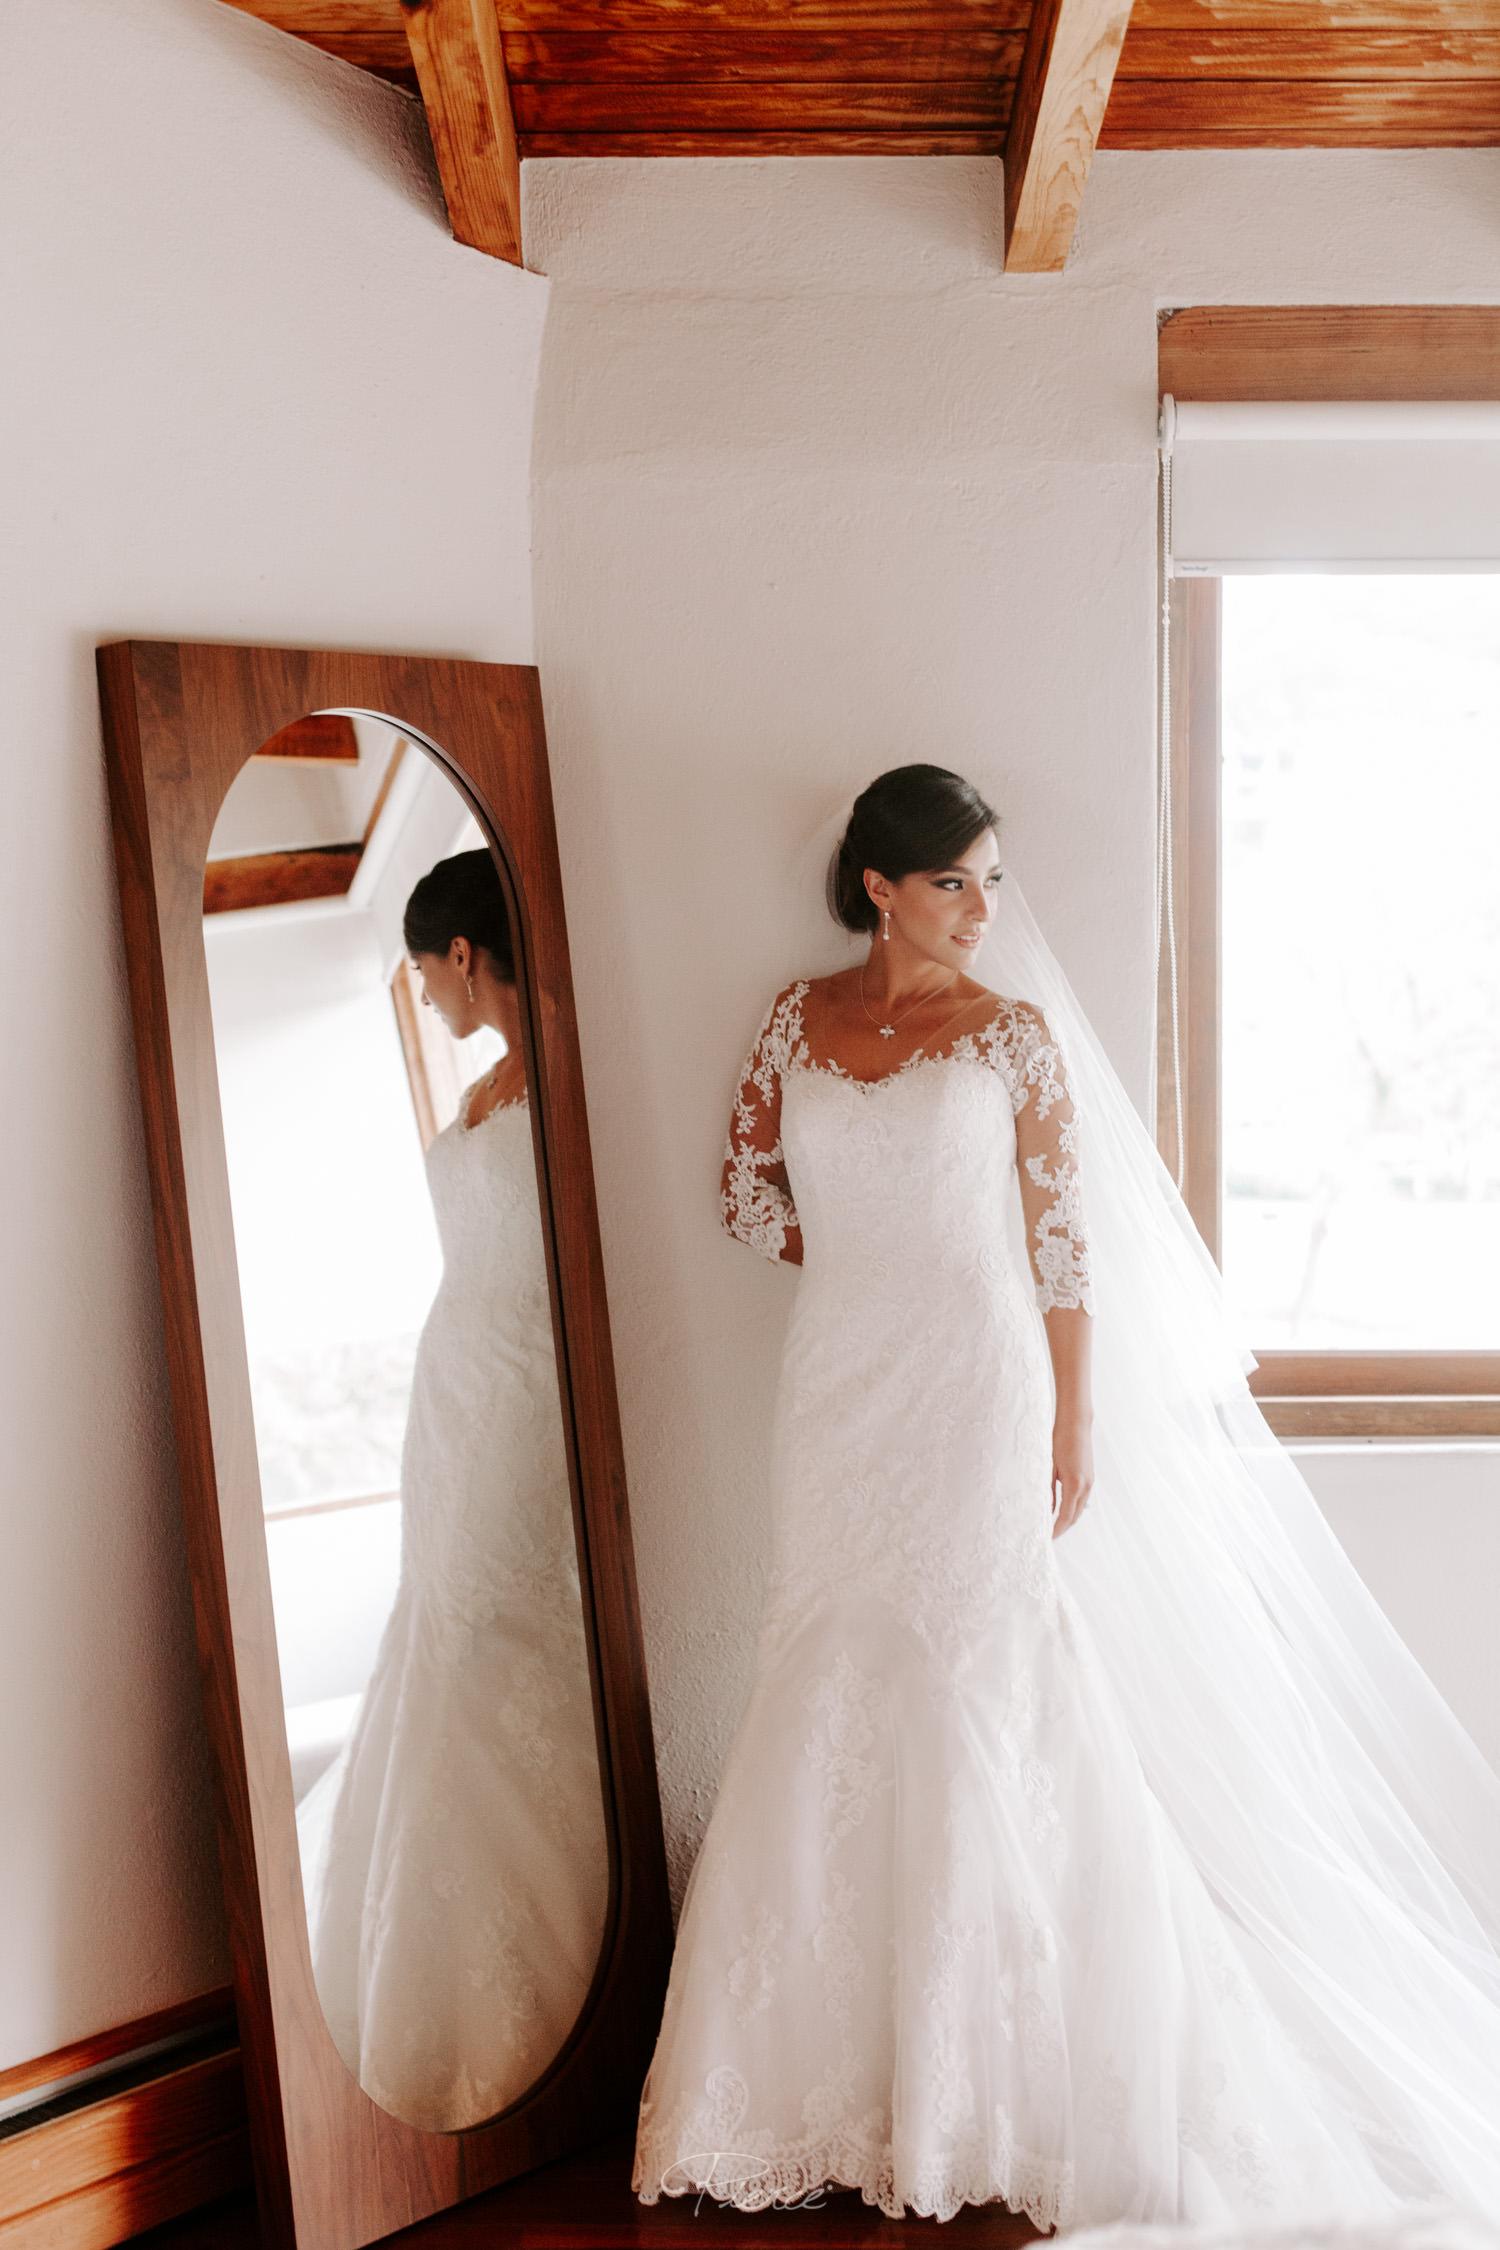 fotografia-de-boda-valle-de-bravo-mexico-rosmarino-pierce-weddings-0233.JPG